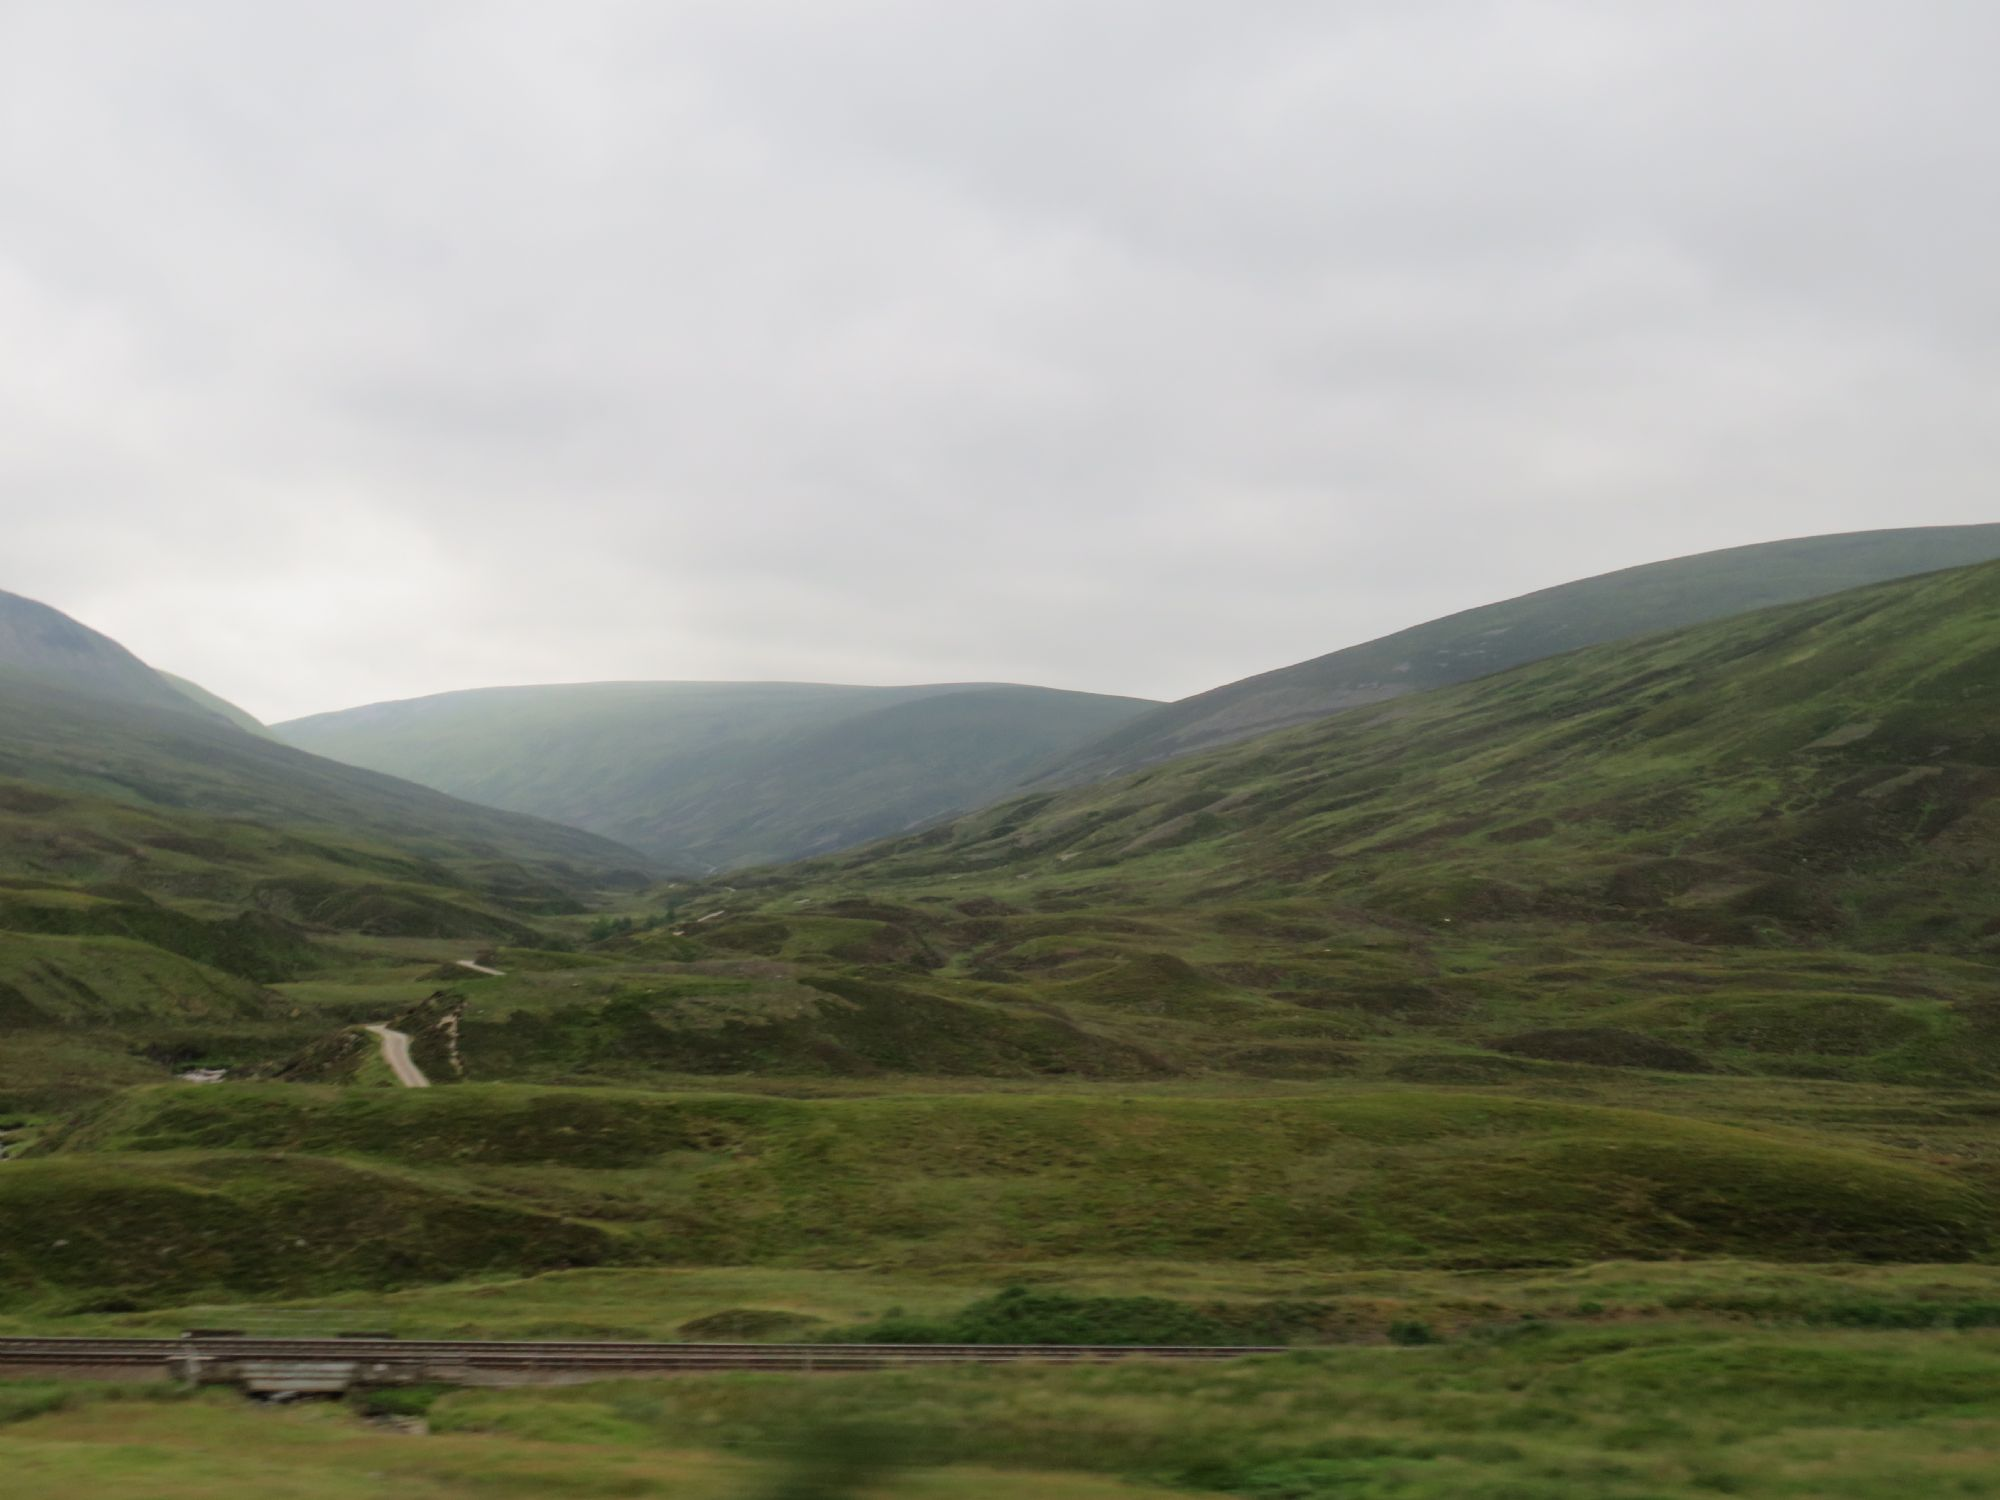 entering the Highlands